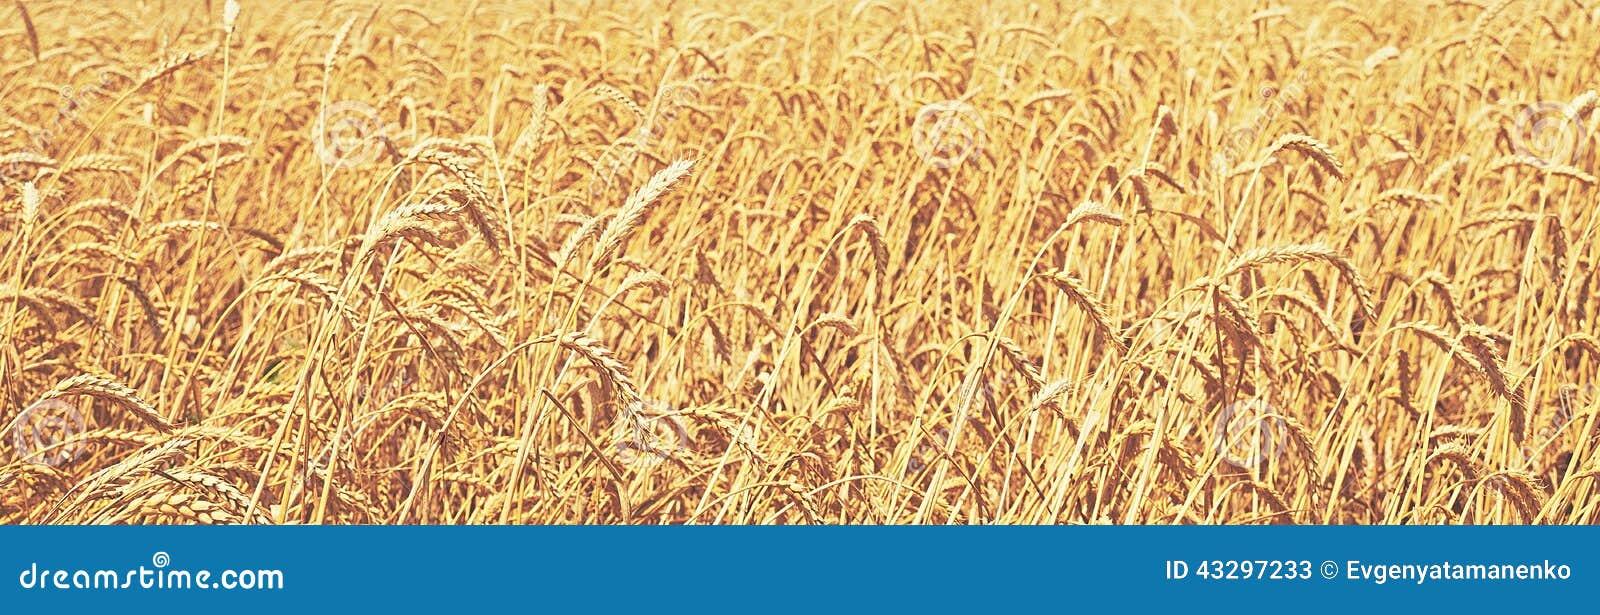 Het gebied van de tarwe Natuurlijke achtergrond